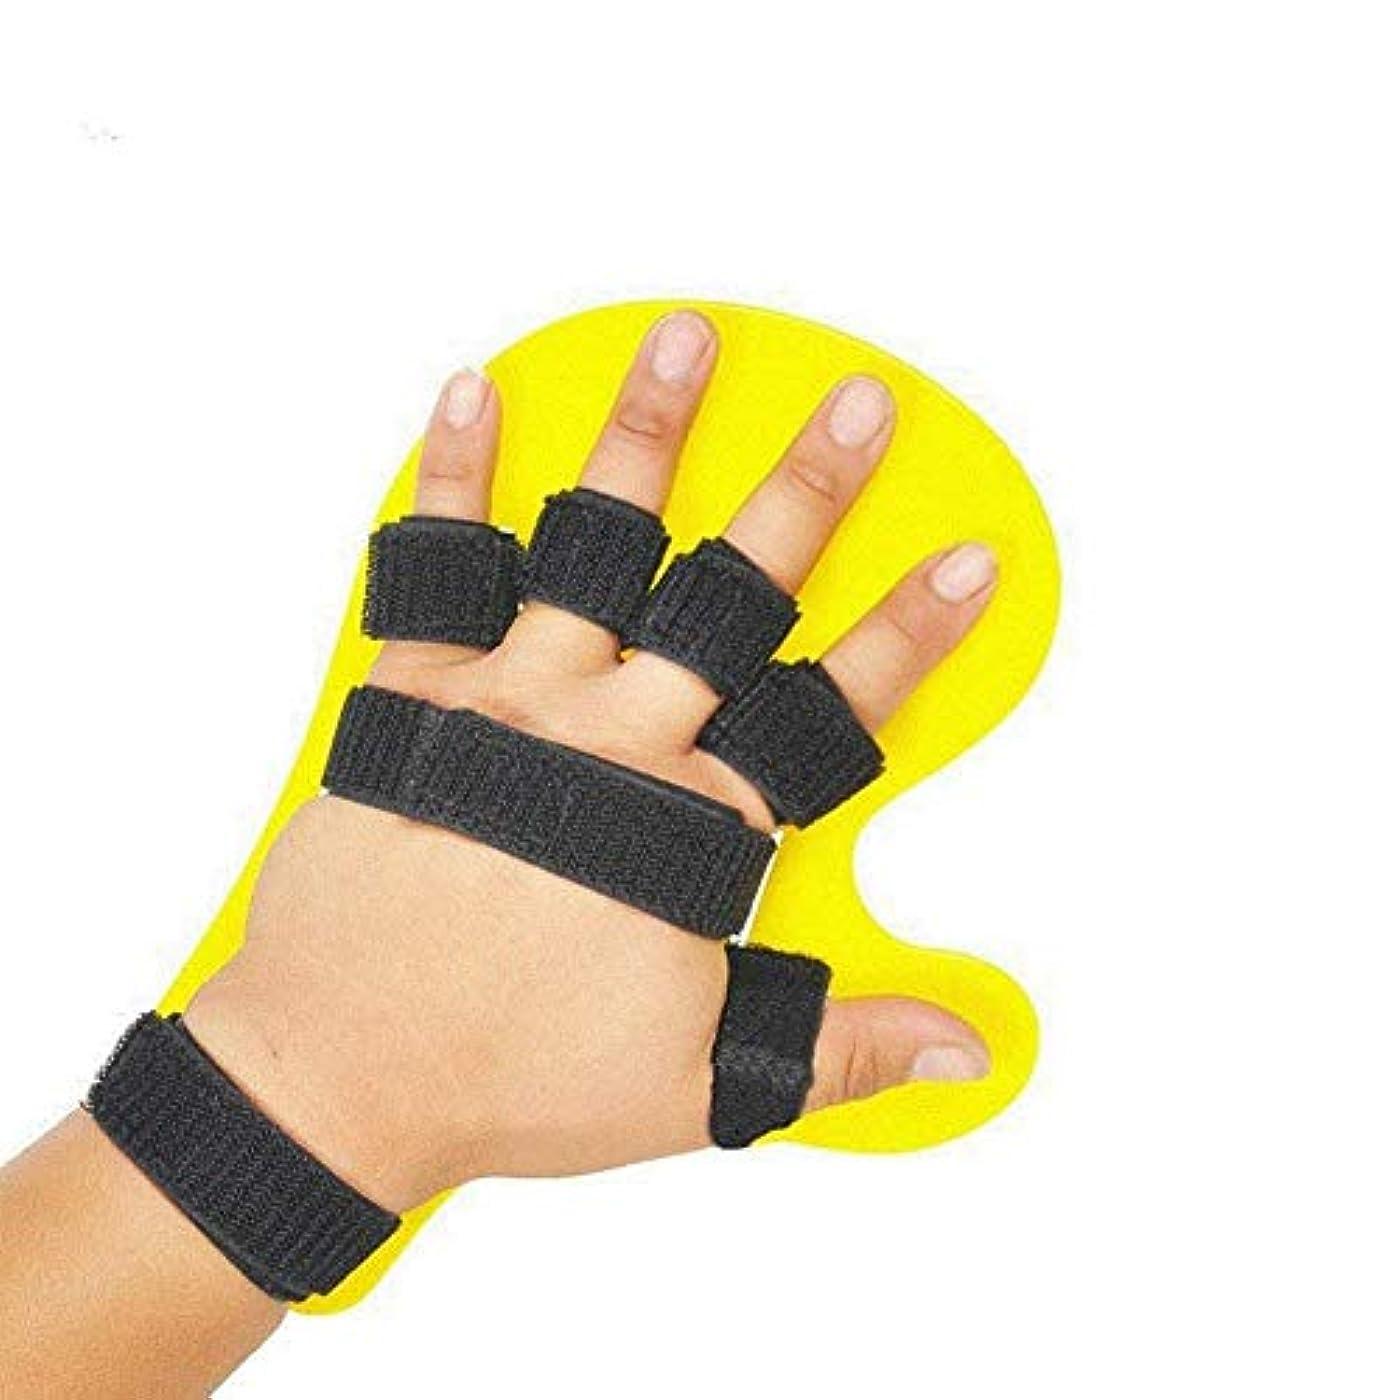 自我追う症候群片麻痺の患者を支援するためのトリガー指スプリント、指板ハンドトレーニングABS調整可能な指リハビリ,2PCS